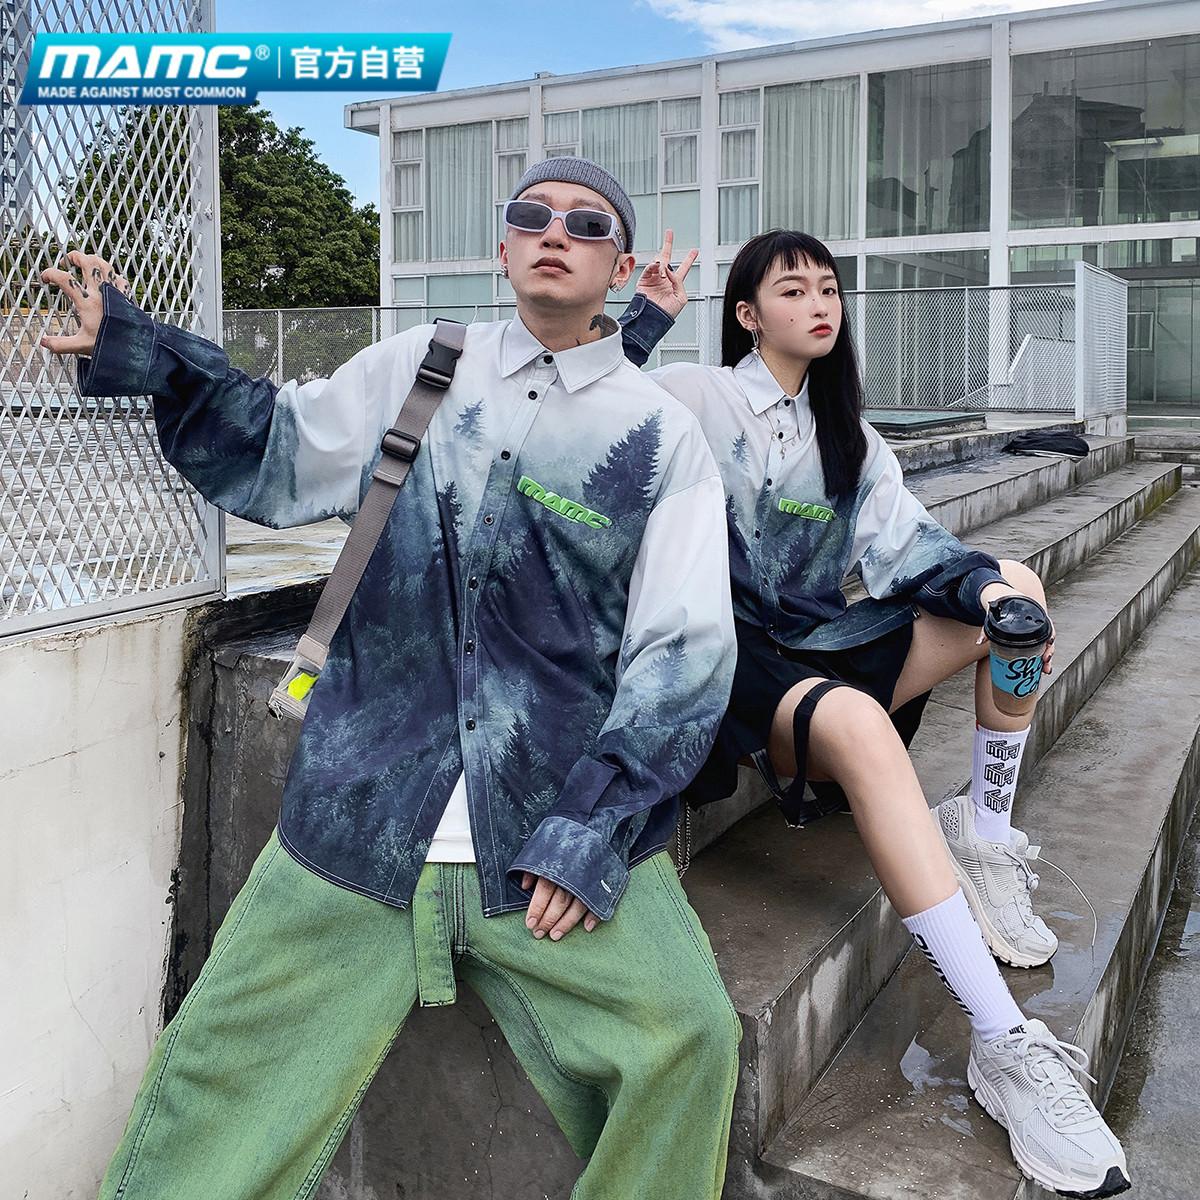 MAMC森林印花长袖休闲衬衫oversize男国潮牌宽松情侣街头嘻哈外套有赠品